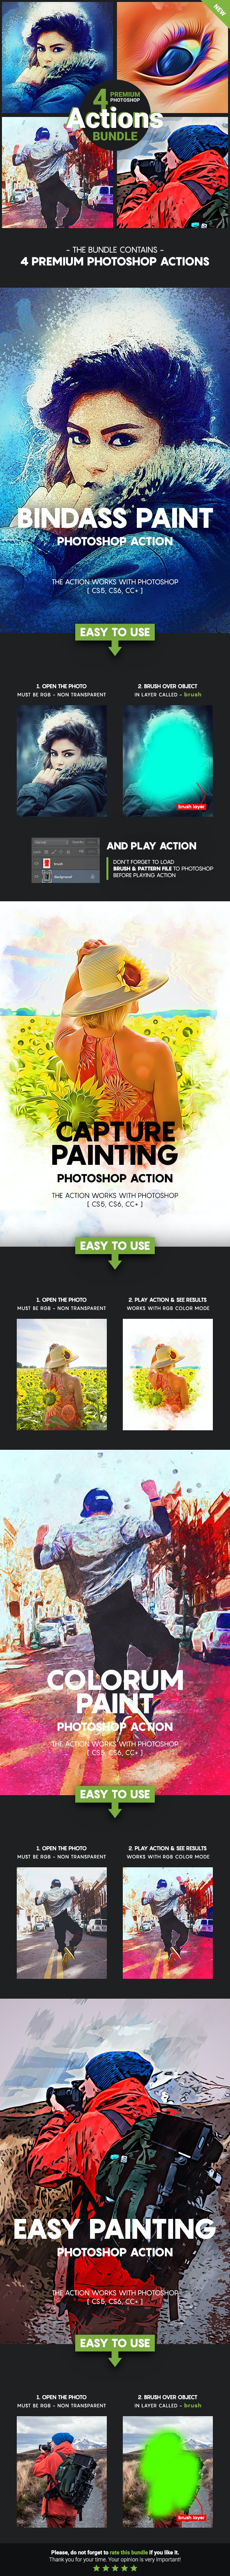 4 Premium Photoshop Actions Bundle - Apr19 #1 - Photo Effects Actions